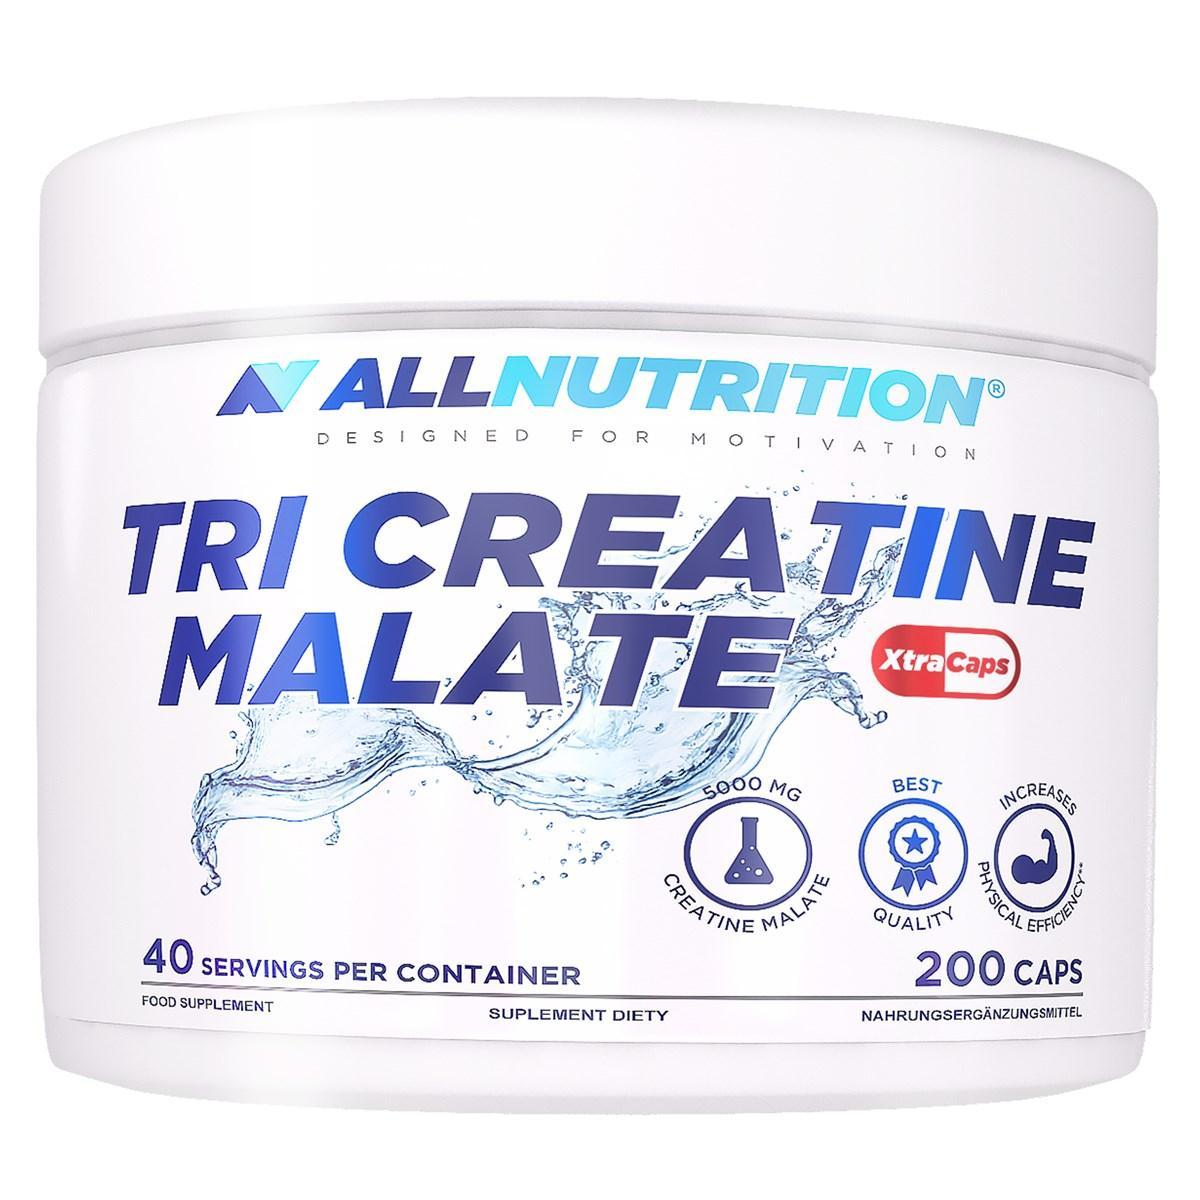 Три креатин малат AllNutrition Tri Creatine Malate Xtraxaps (200 капс) аллнутришн